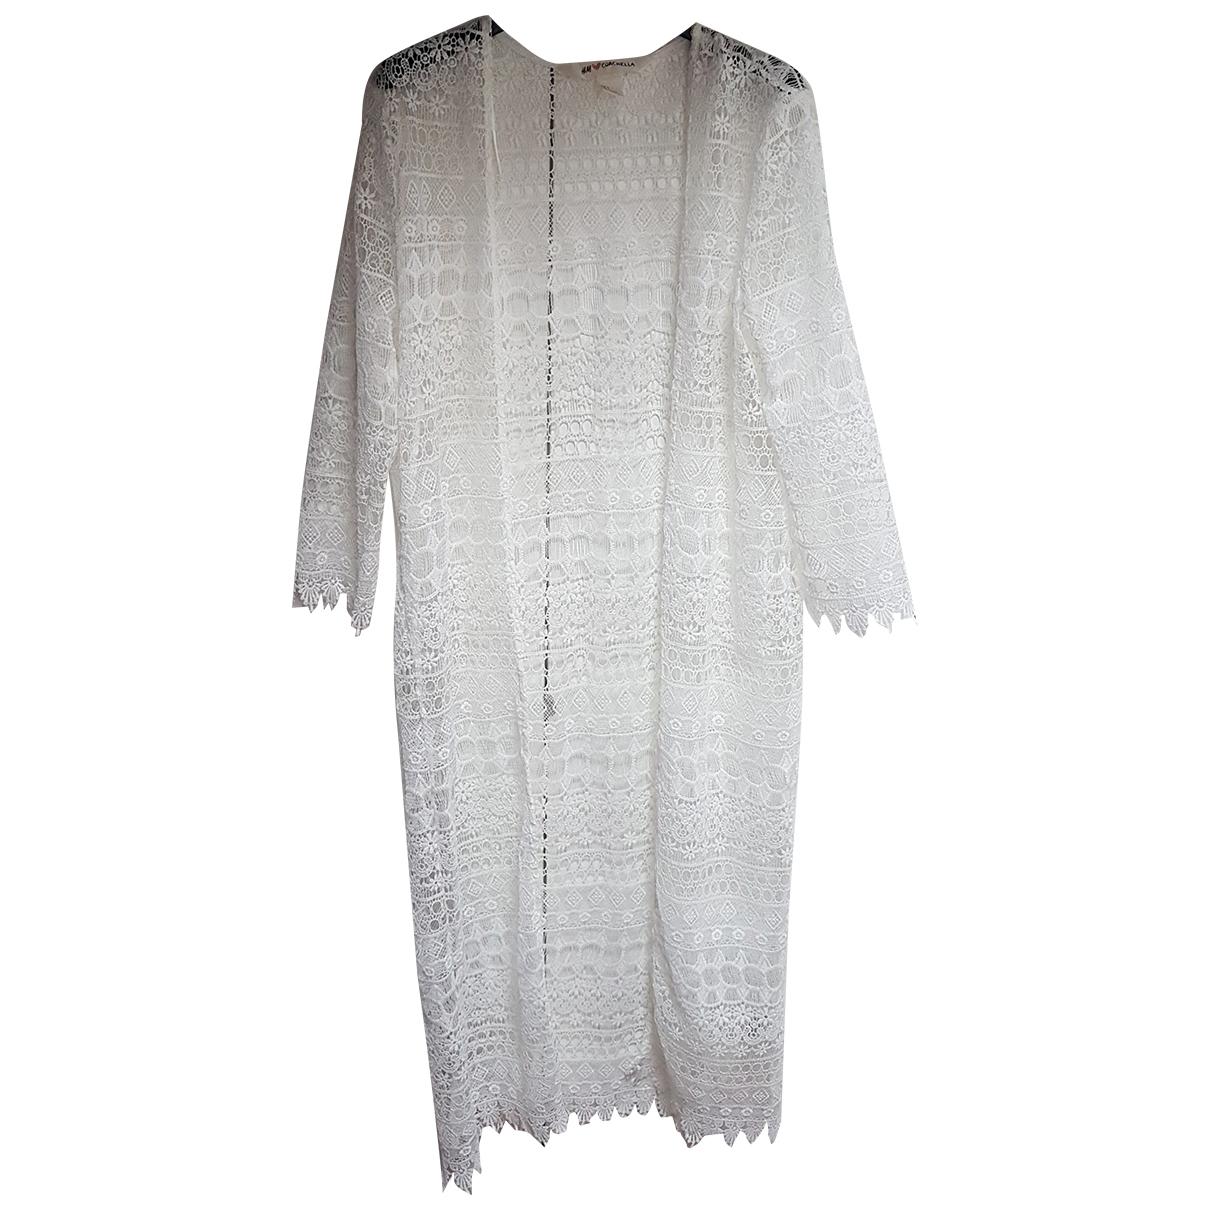 Autre Marque - Top   pour femme en coton - blanc